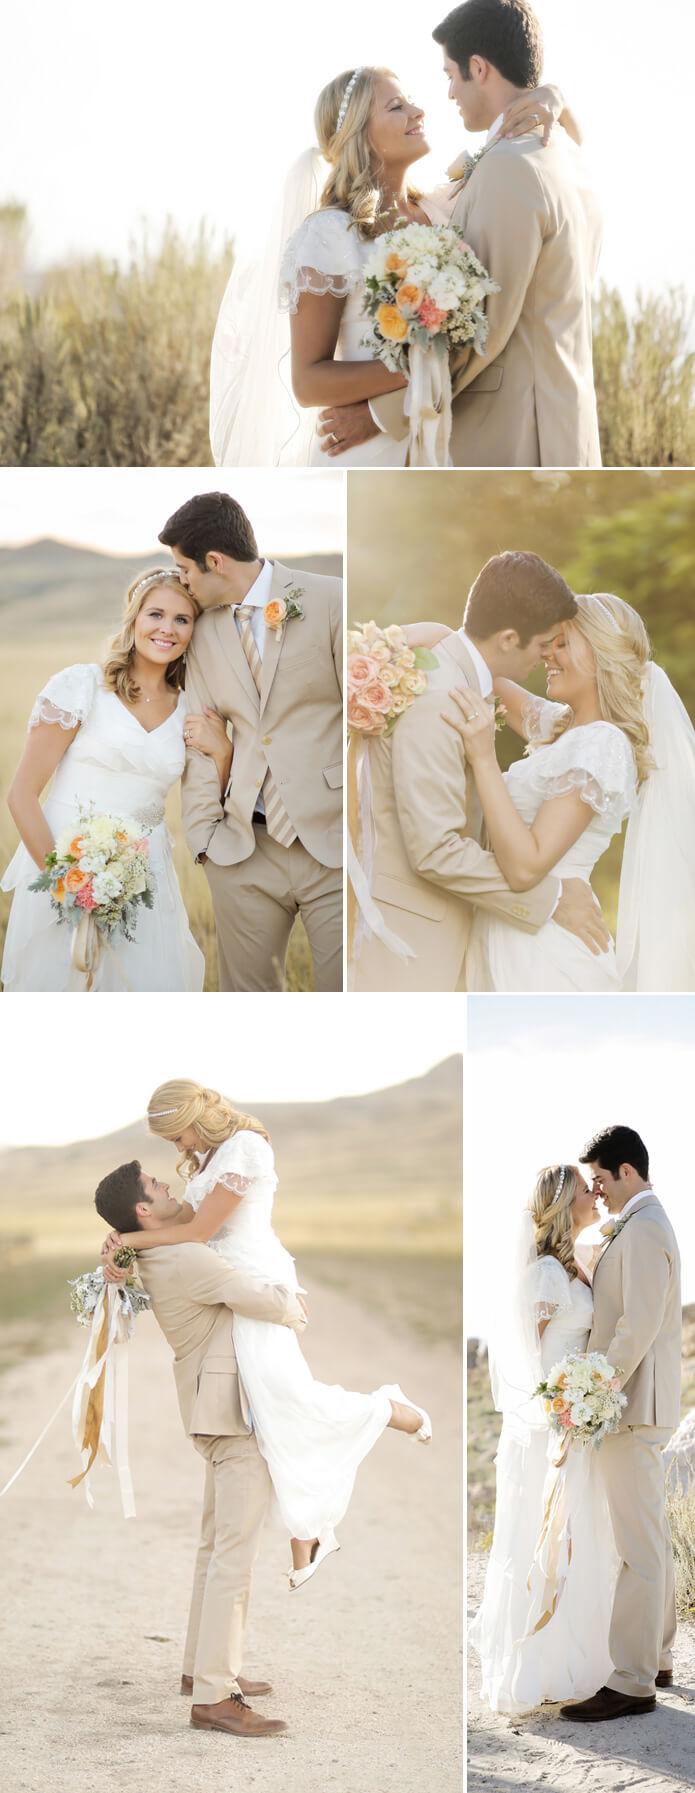 Atemberaubend Brautjunferkleider Für Rustikale Hochzeit Fotos ...